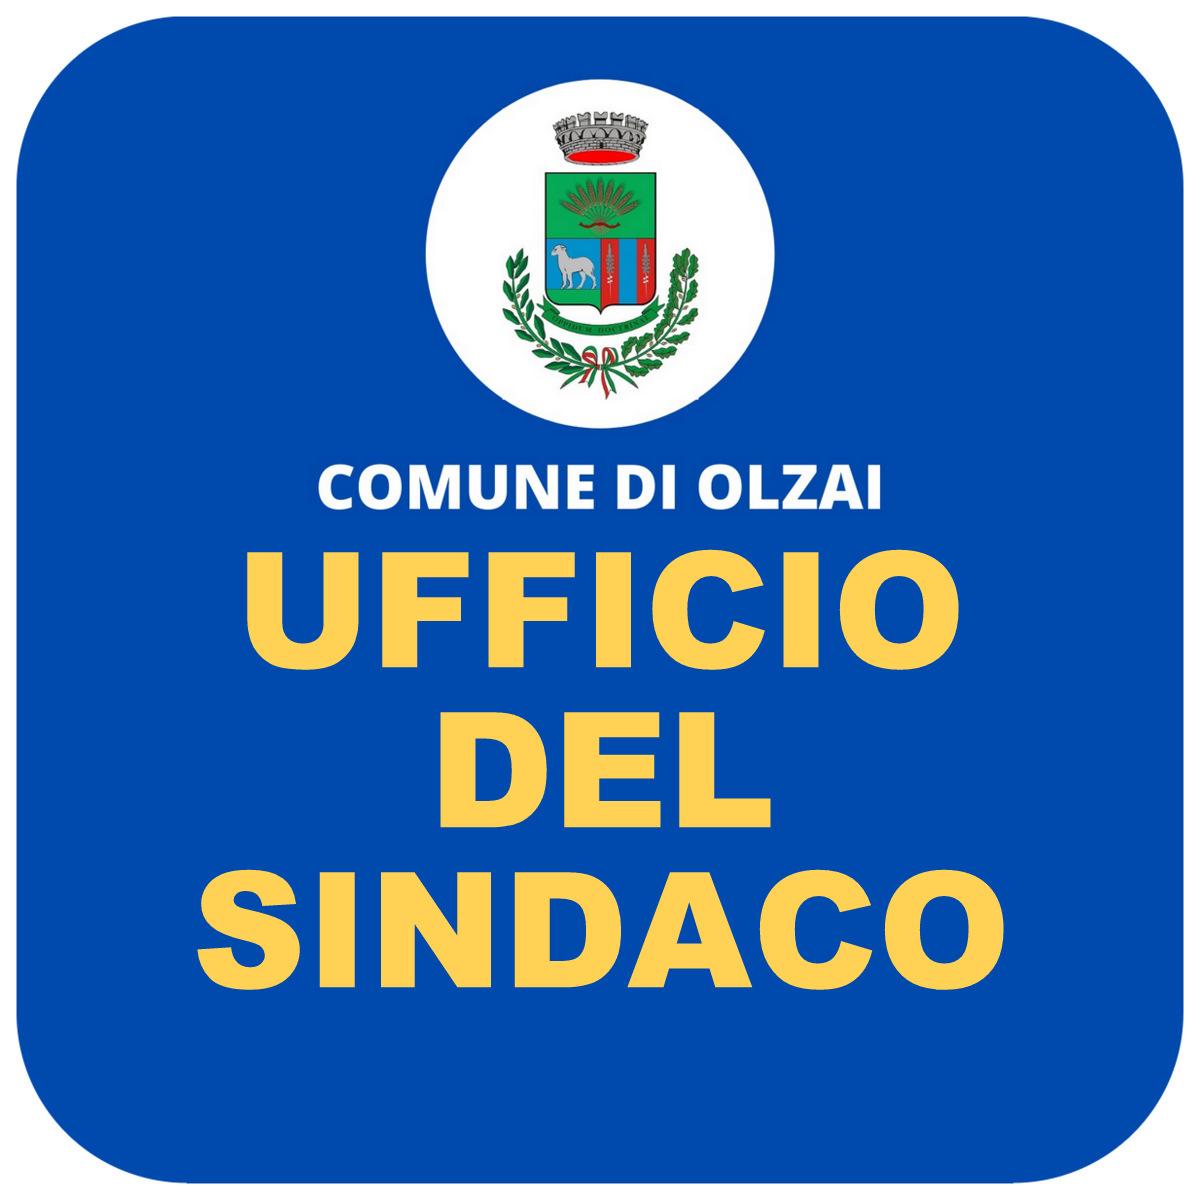 ORDINANZA N 04/2021 - NOMINA NUOVI COMPONENTI DEL CENTRO OPERATIVO COMUNALE